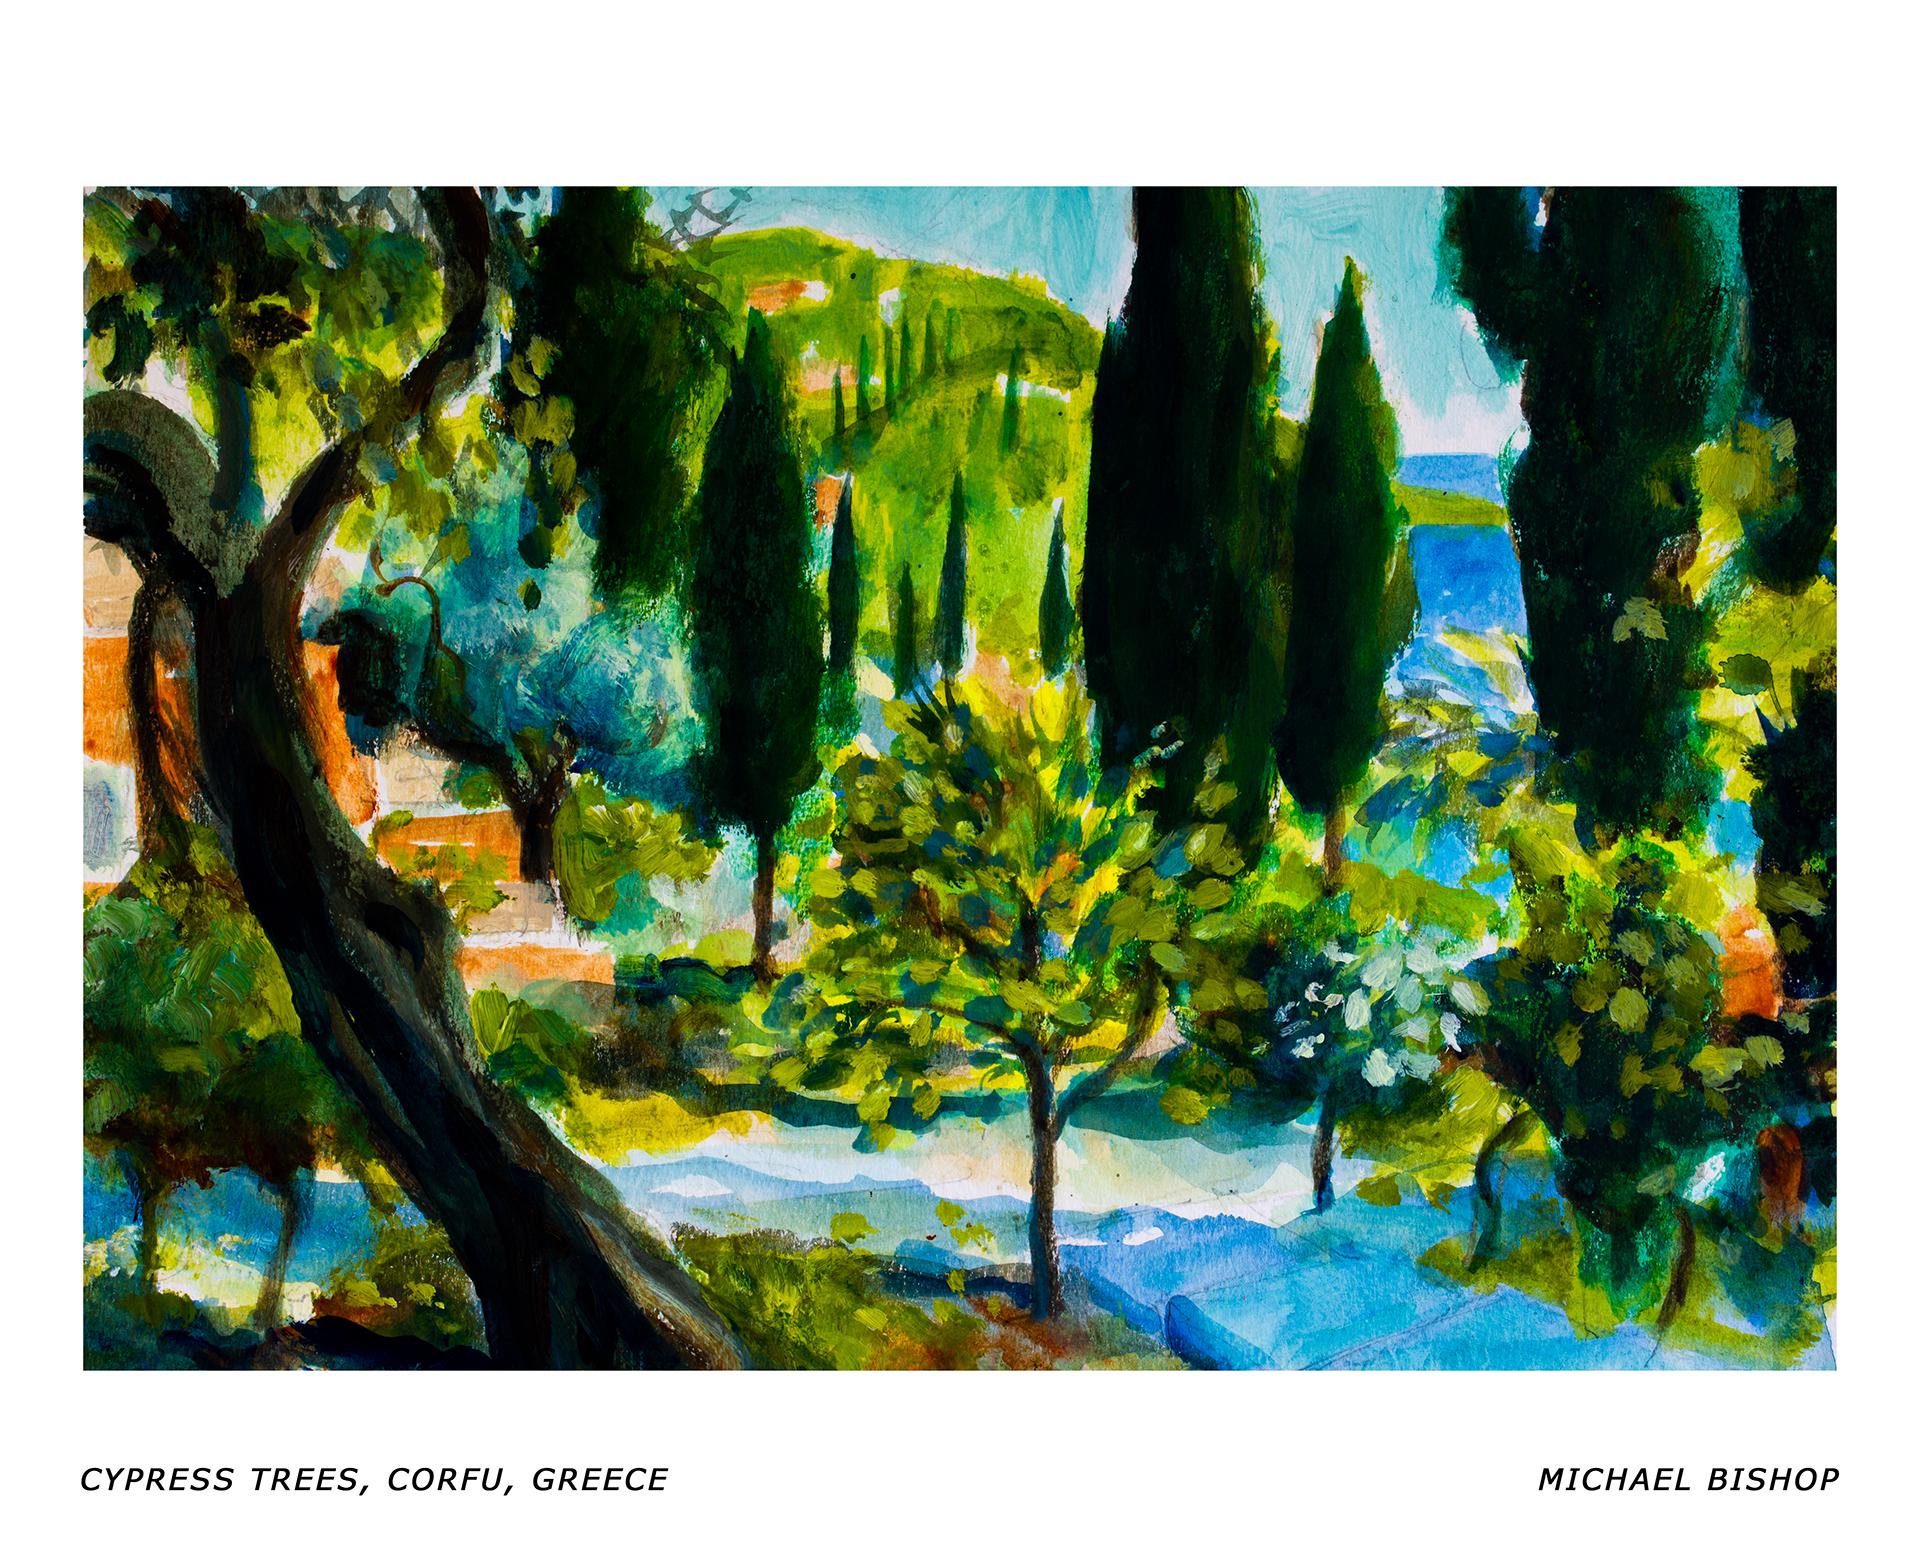 86_RA_MB_Cypress Trees, Corfu, Greece